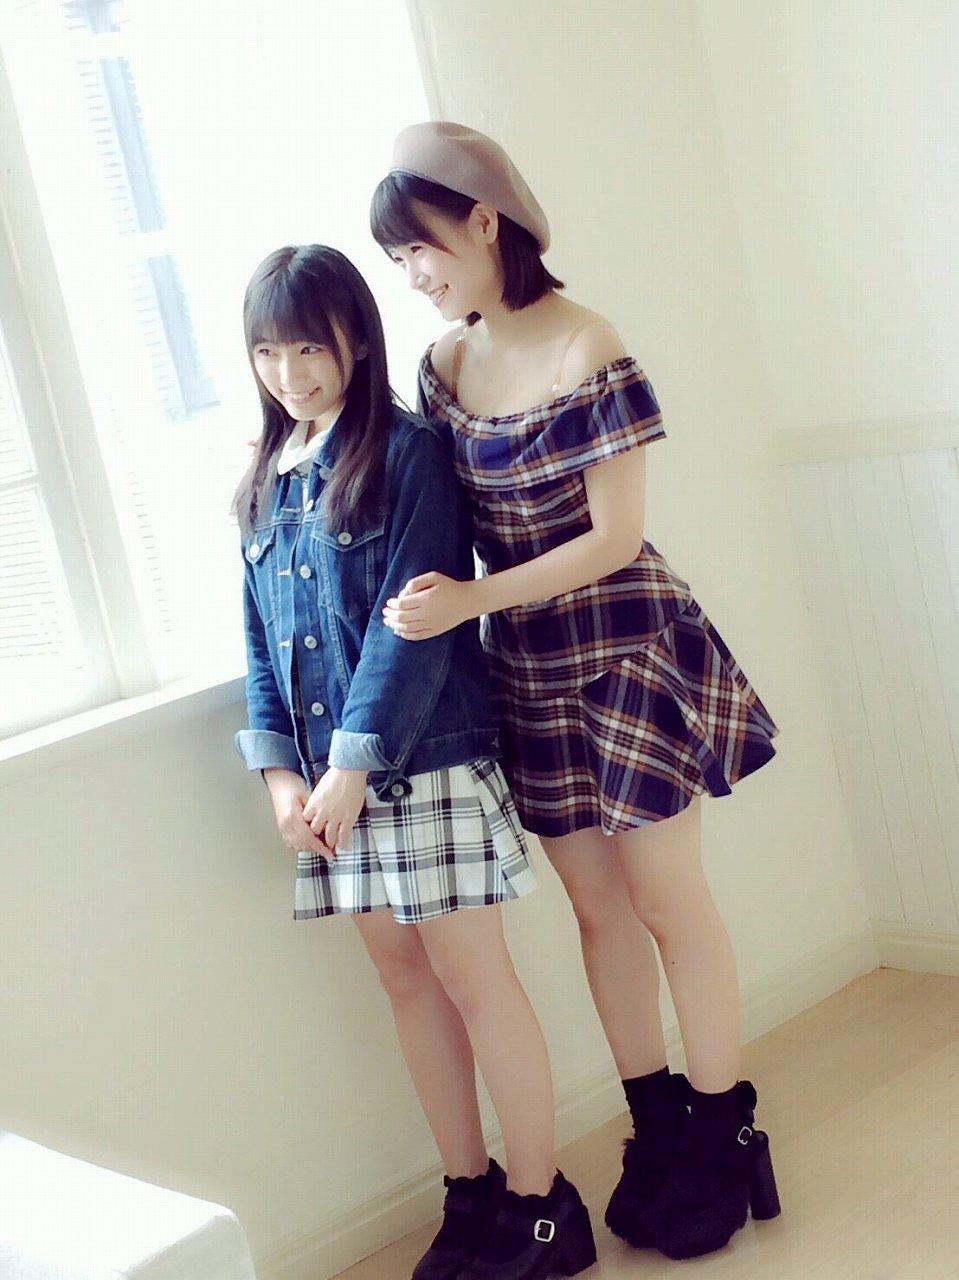 矢吹奈子と朝長美桜のツーショット